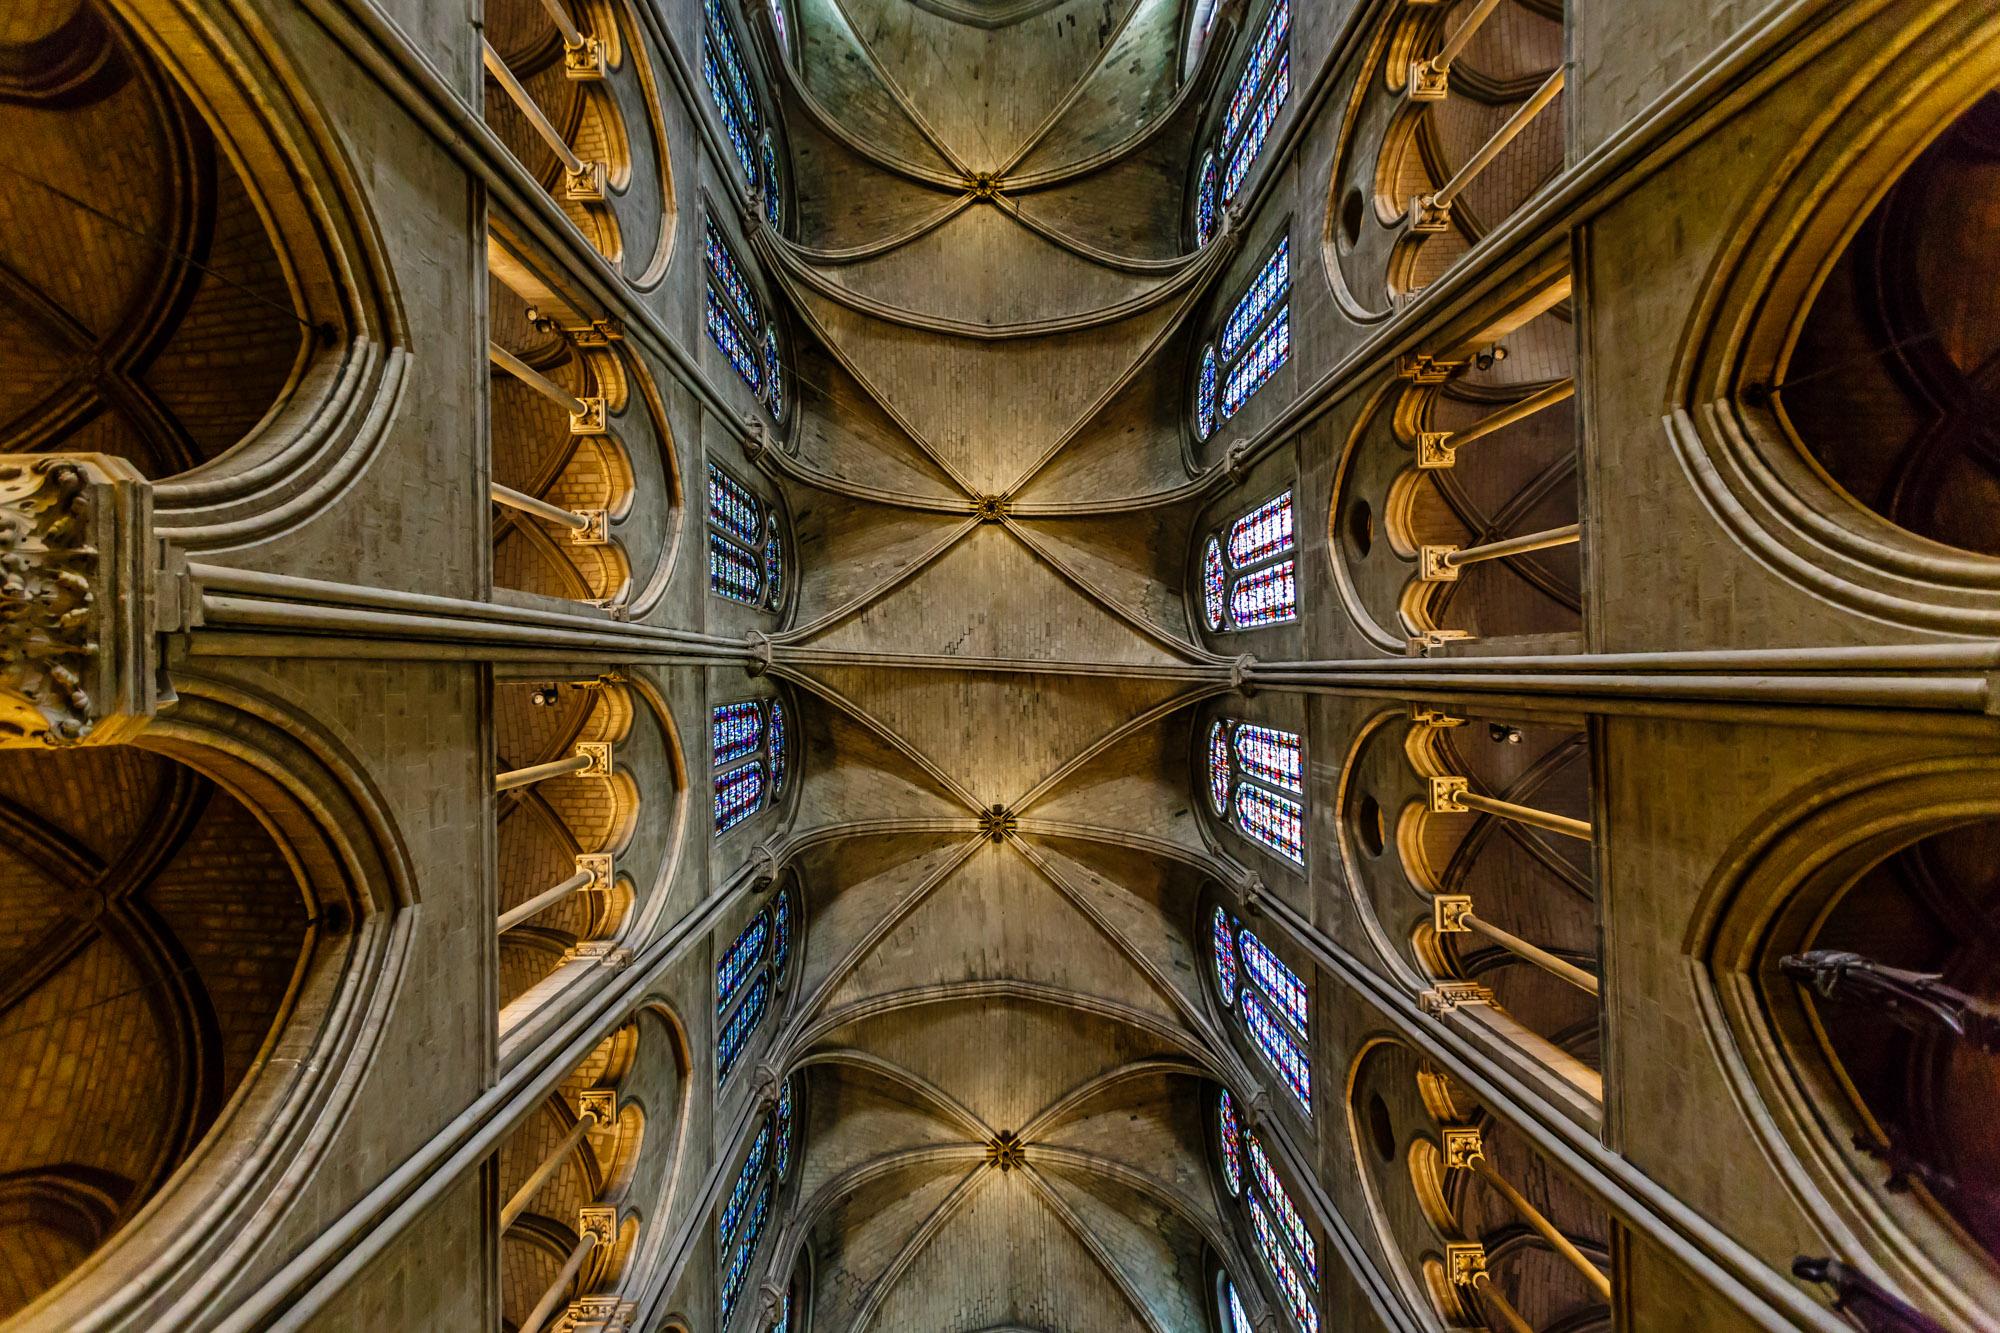 Notre Dame de Paris Cathedral Roof, Paris, France